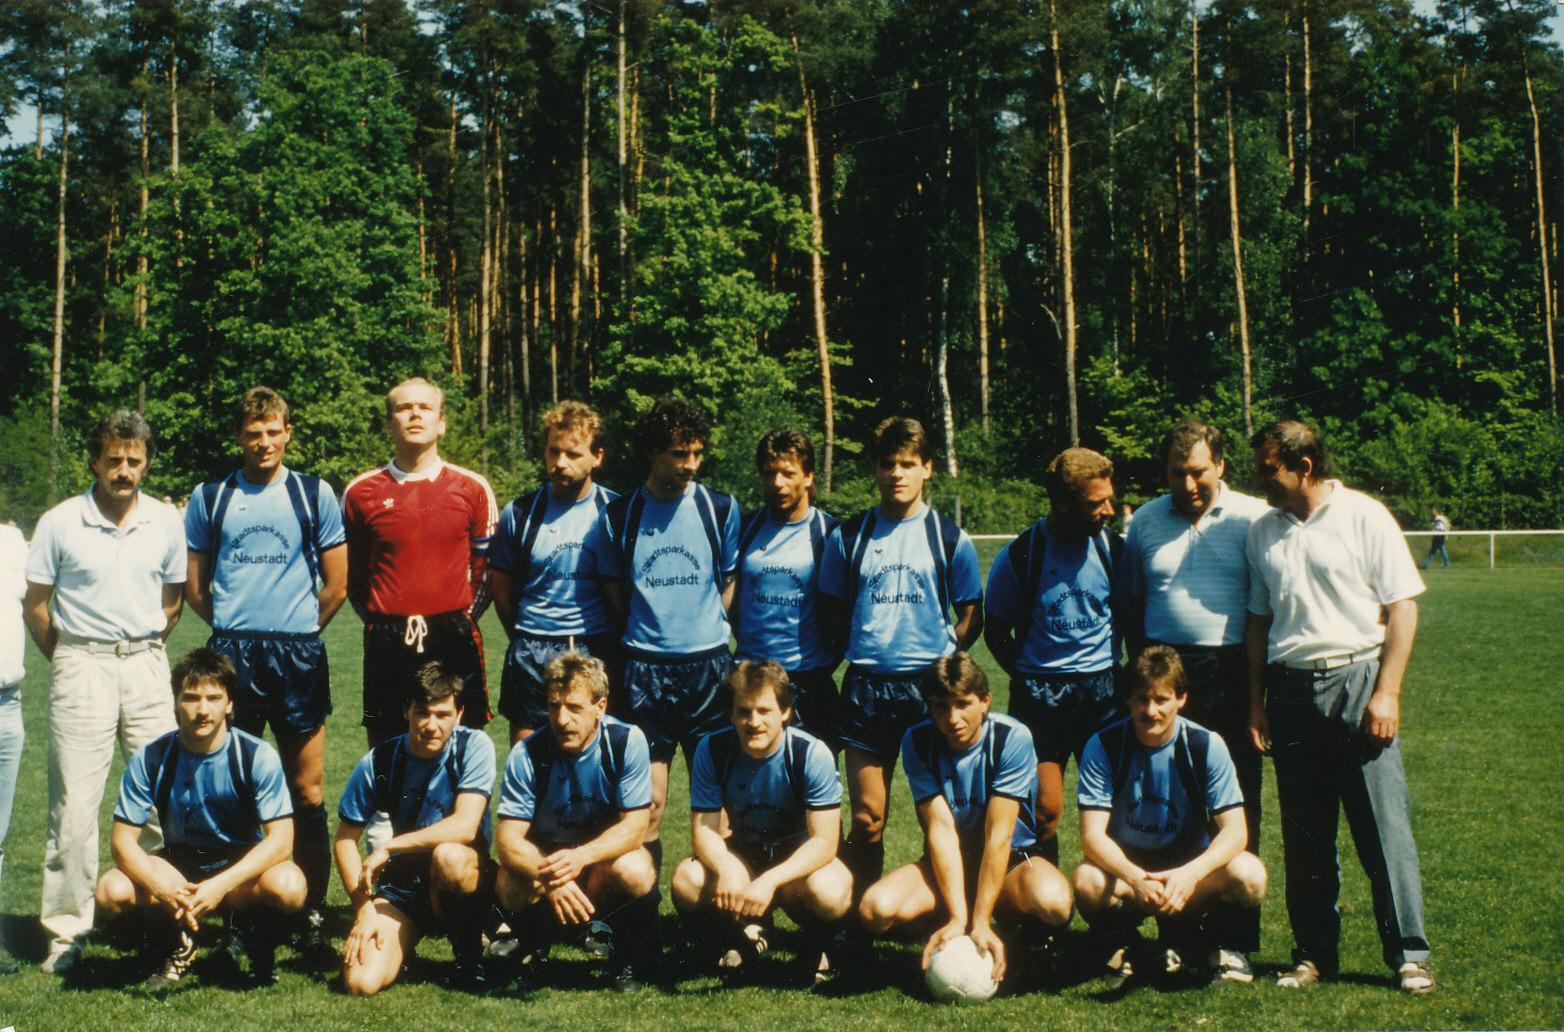 1. Mannschaft des SV Geinsheim